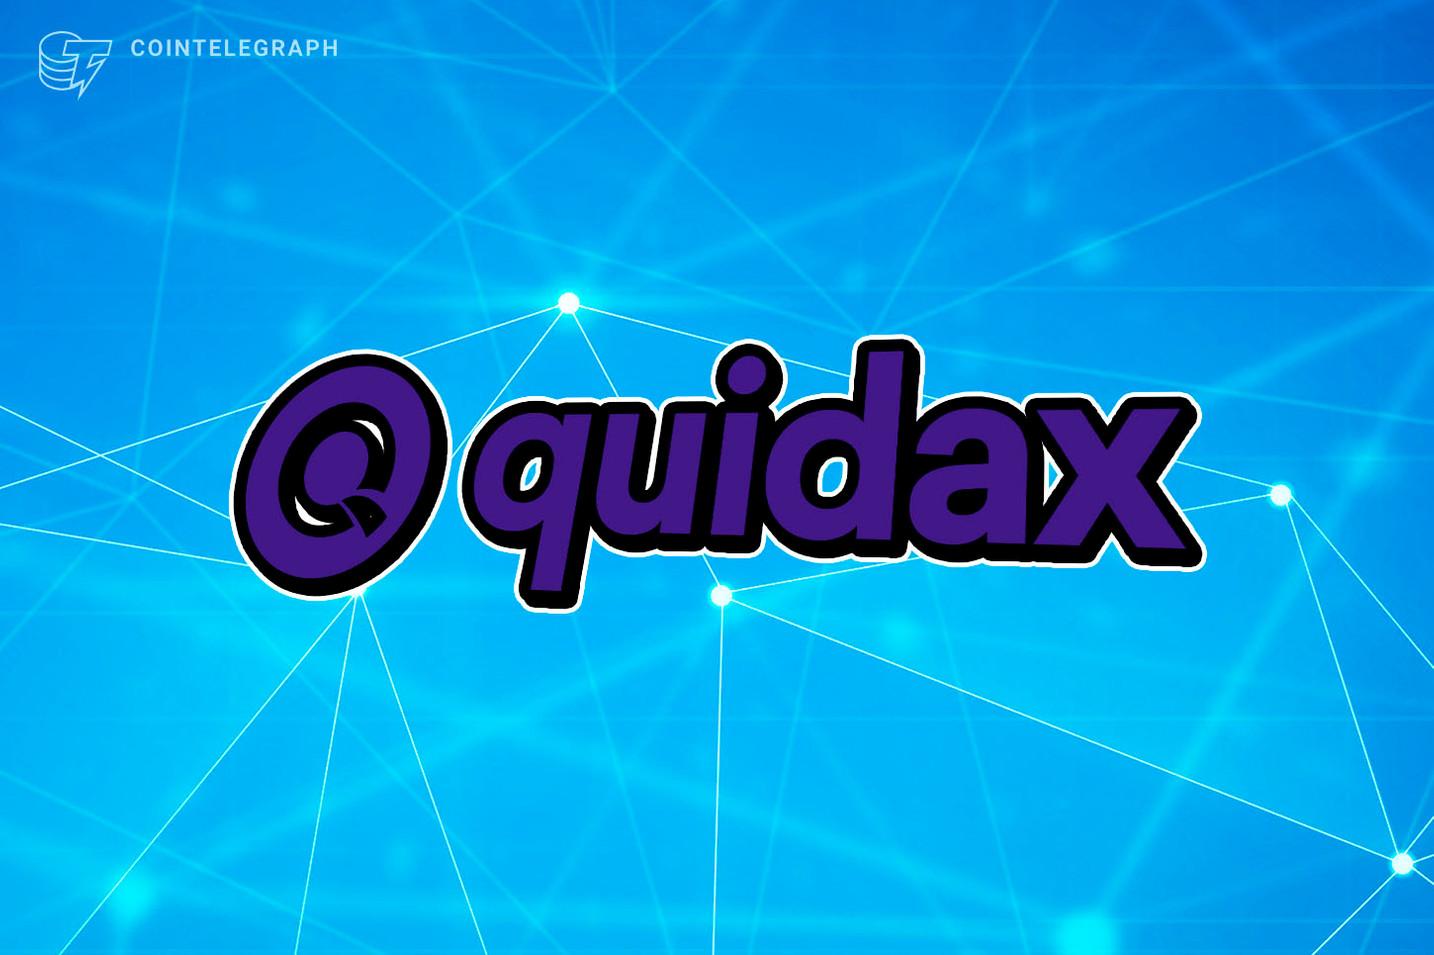 L'exchange africano Quidax raccoglie oltre 3 milioni di dollari nel giorno peggiore per le crypto